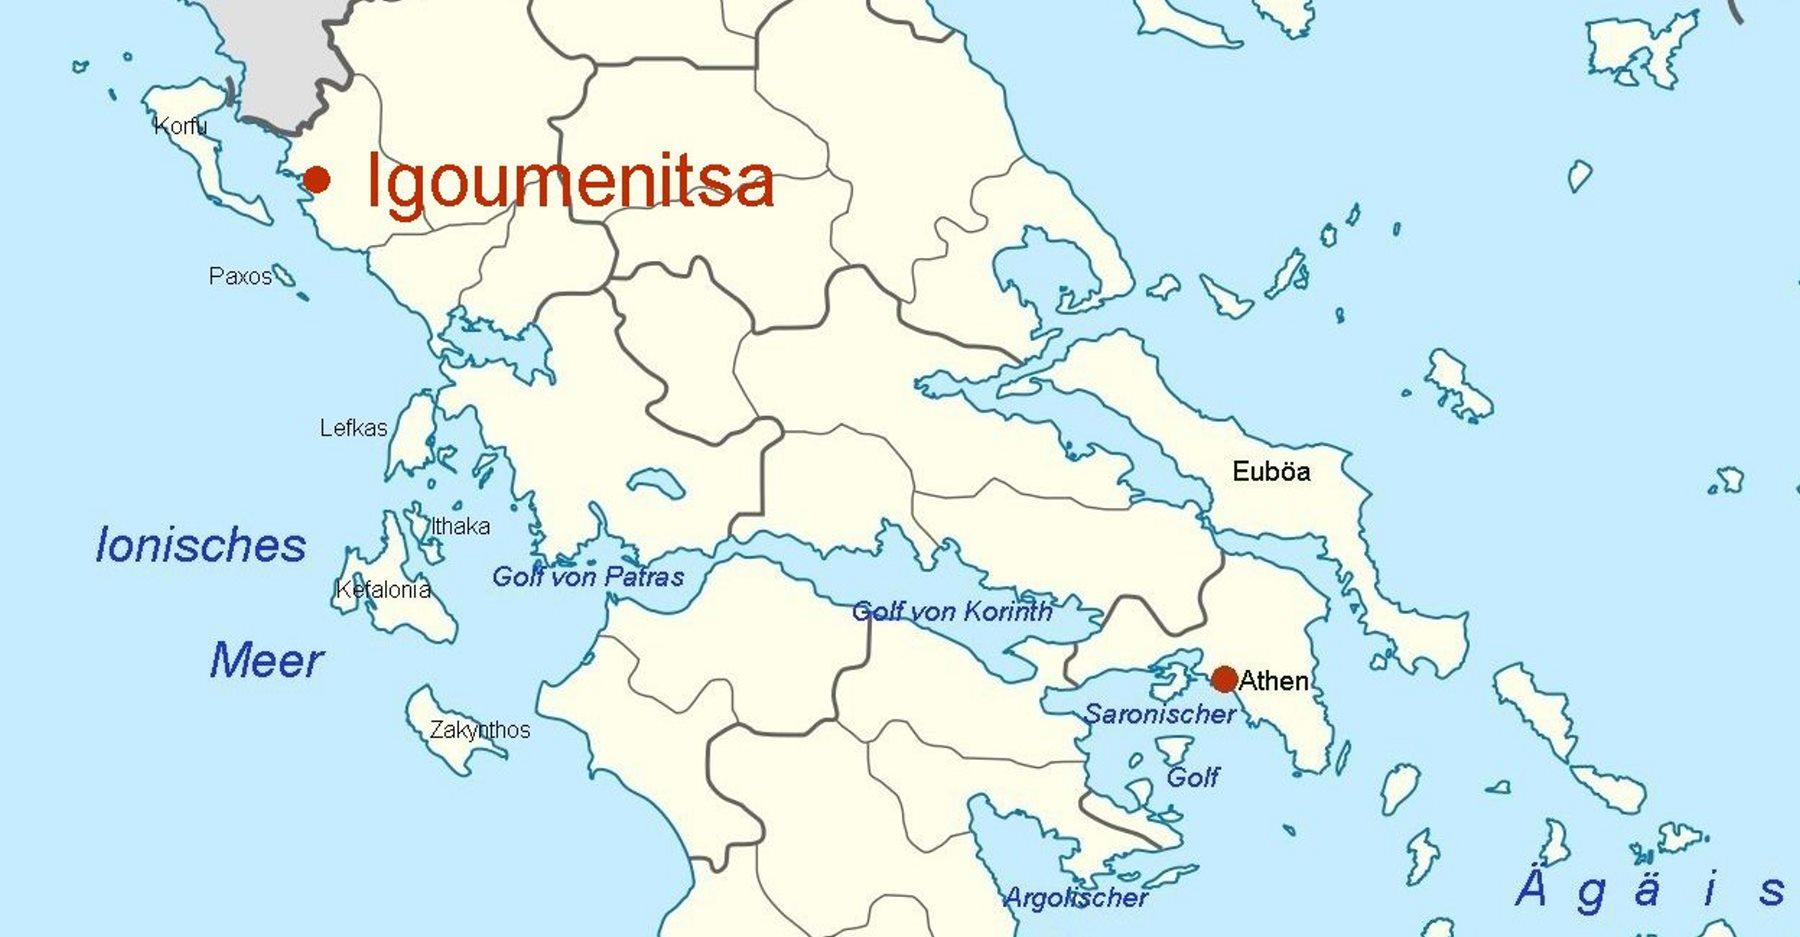 igoumenitsa griechenland karte Online Hafenhandbuch Griechenland: Hafen Igoumenitsa an der